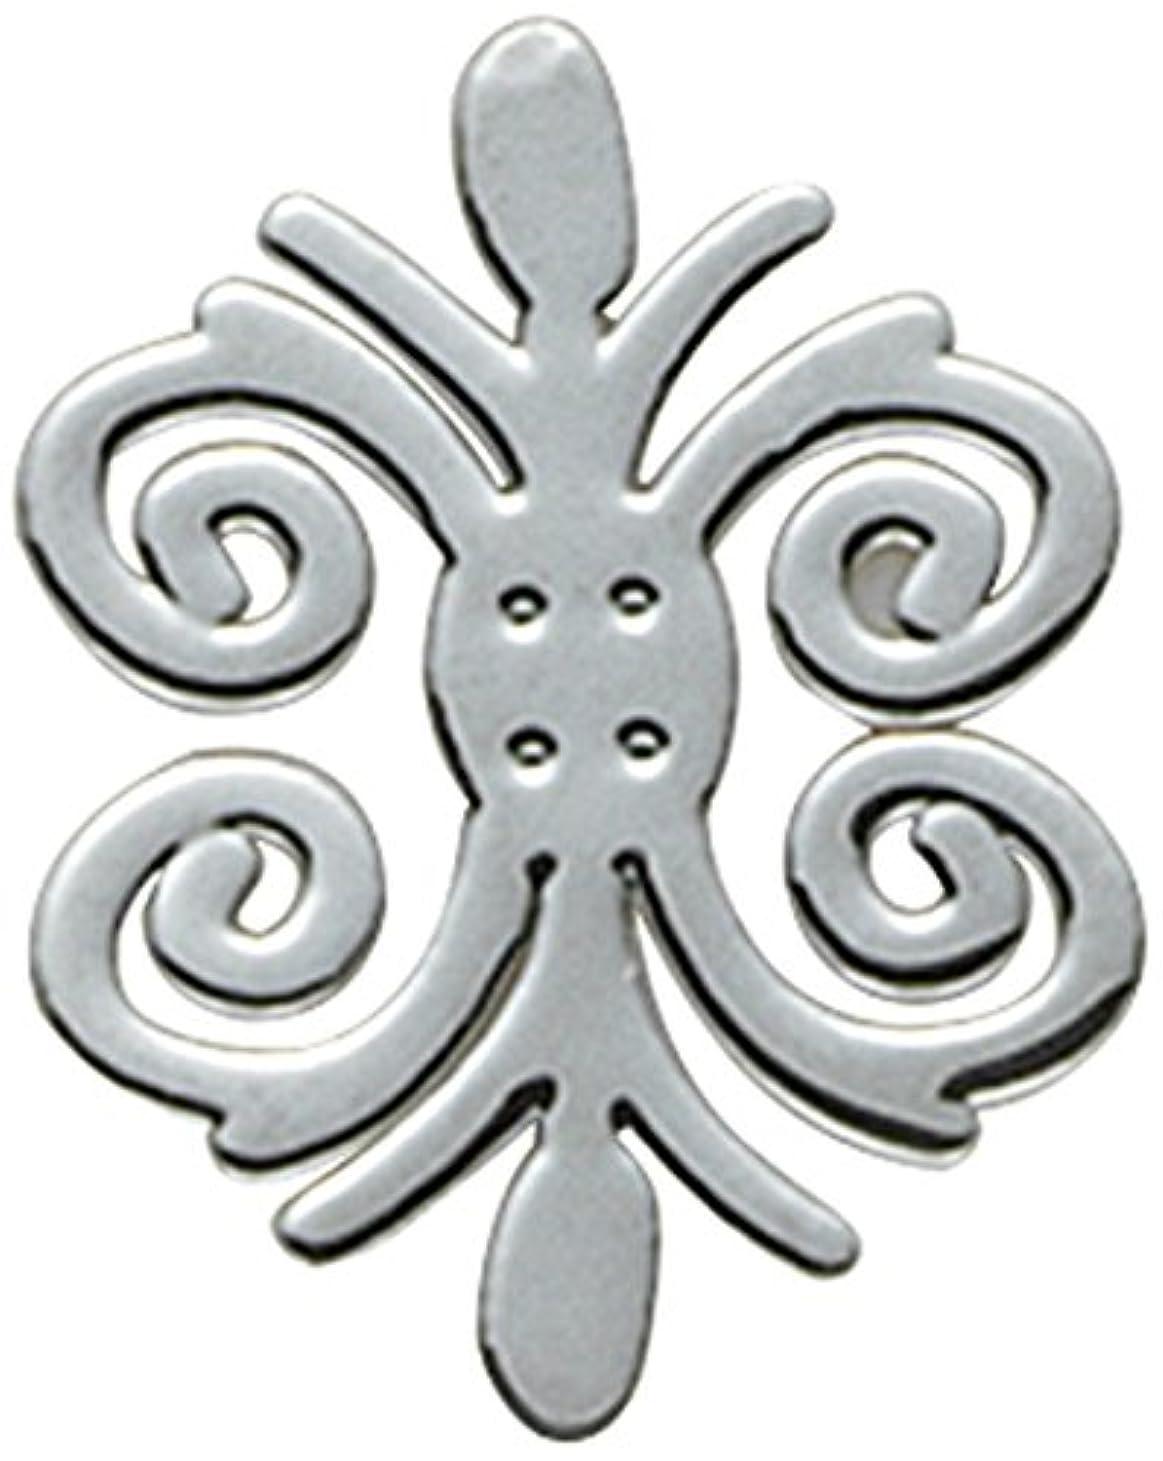 尾祝福する連想アンティークジュエリーグレース(20個入り) シルバー